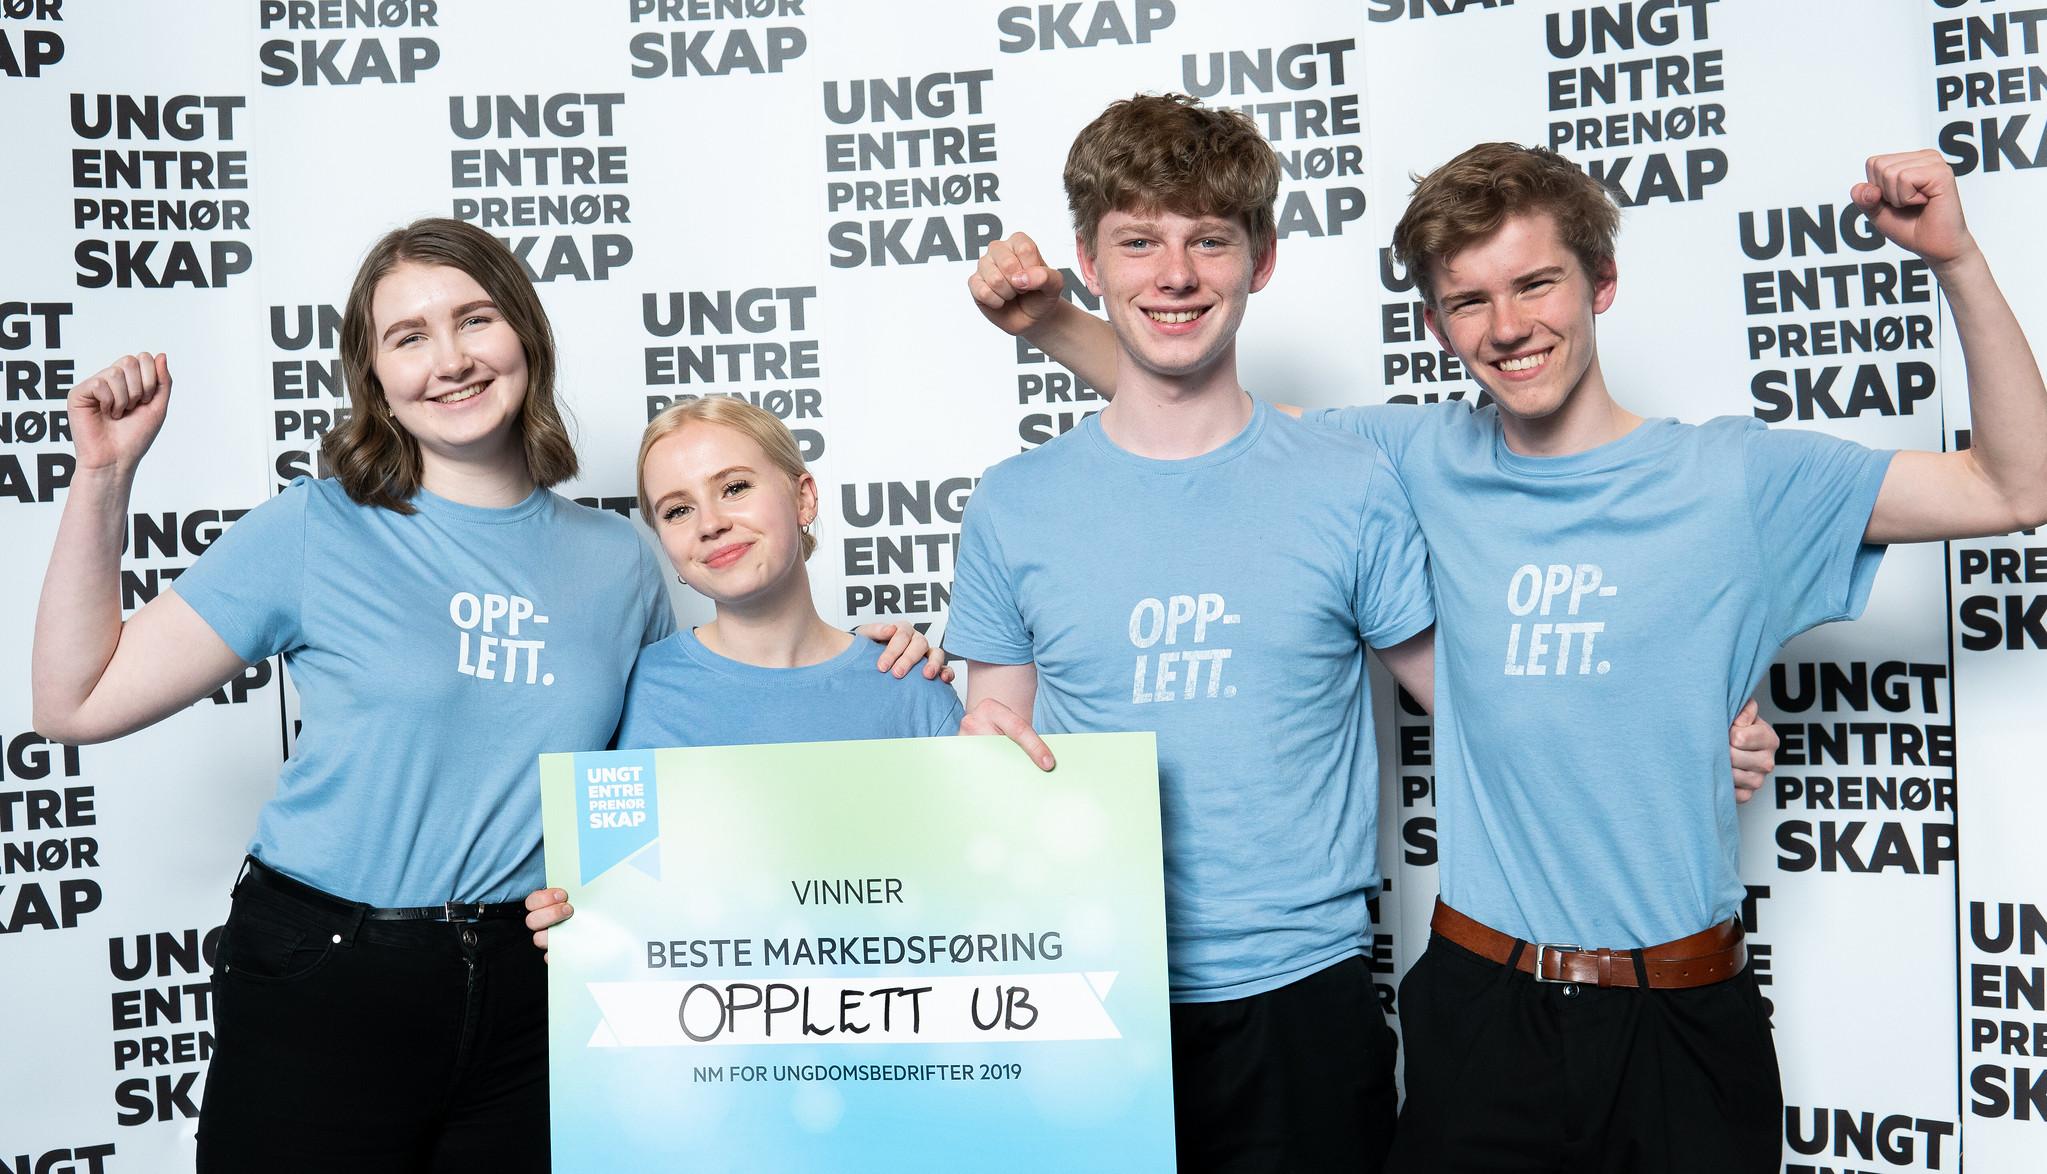 GODE MARKEDSFØRERE:  Under norgesmesterskapet for ungdomsbedrifter våren 2019 vant Opplett for «Beste markedsføring».